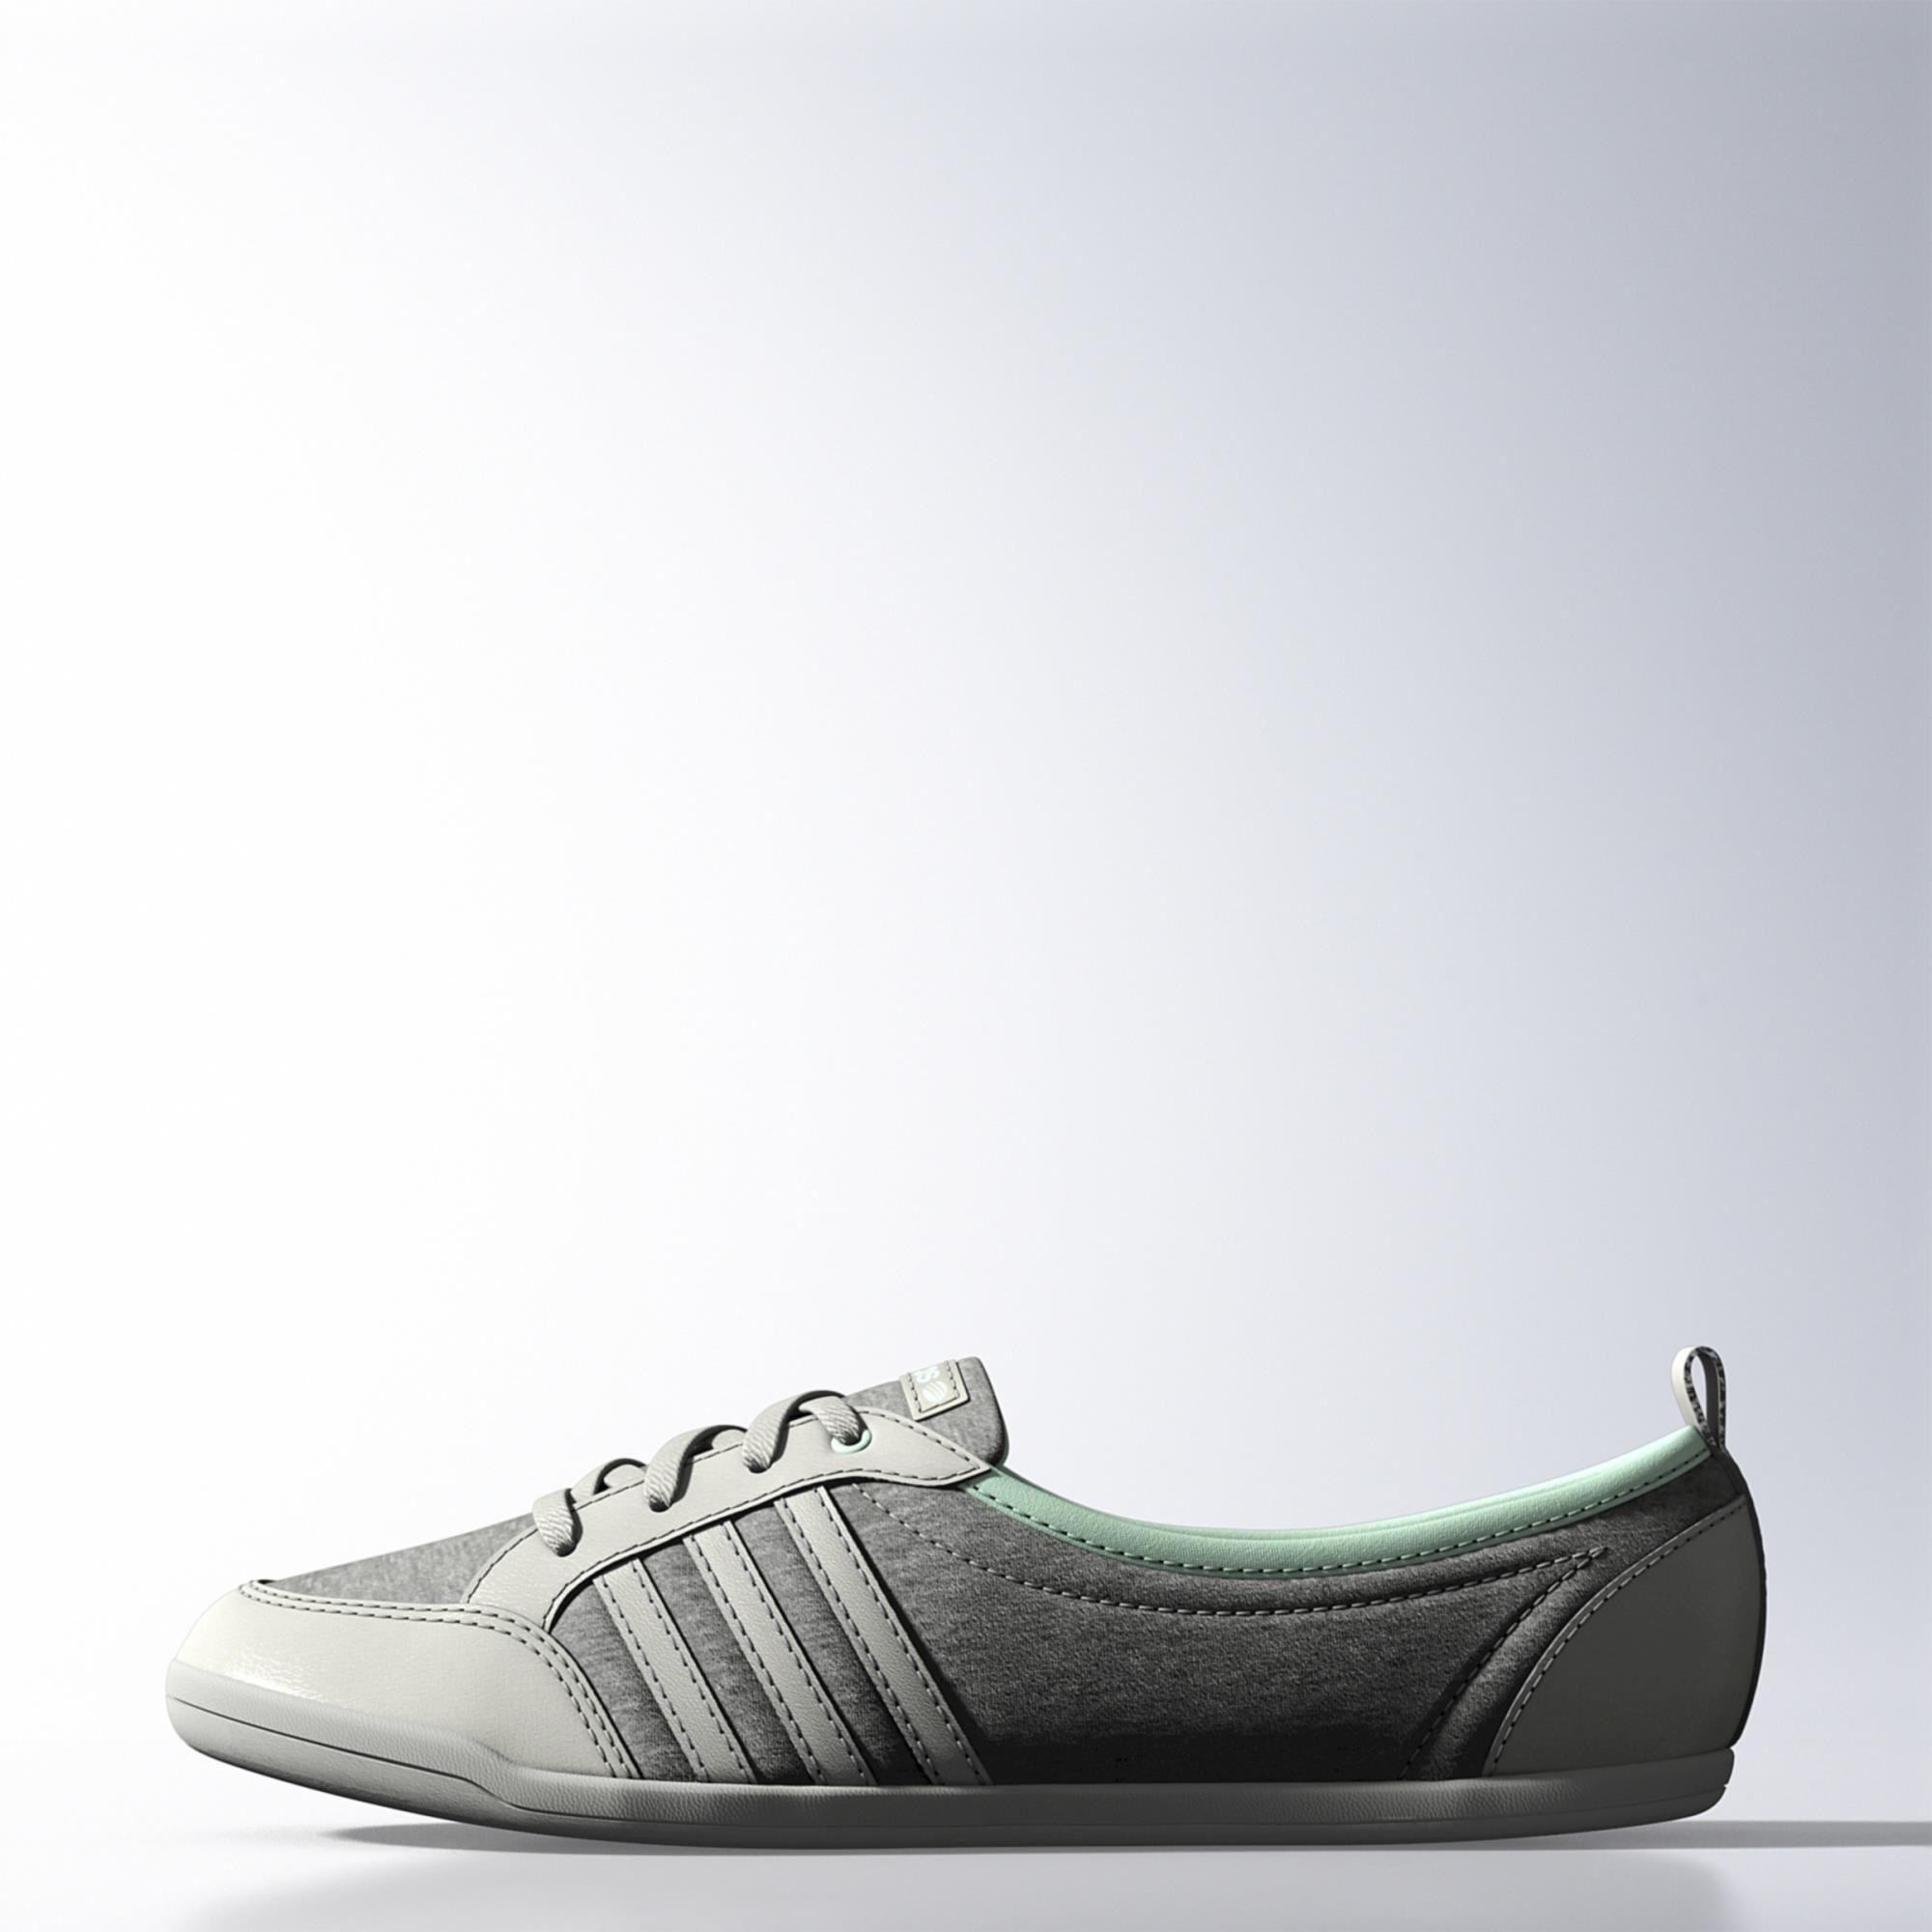 adidas argentina zapatillas mujer